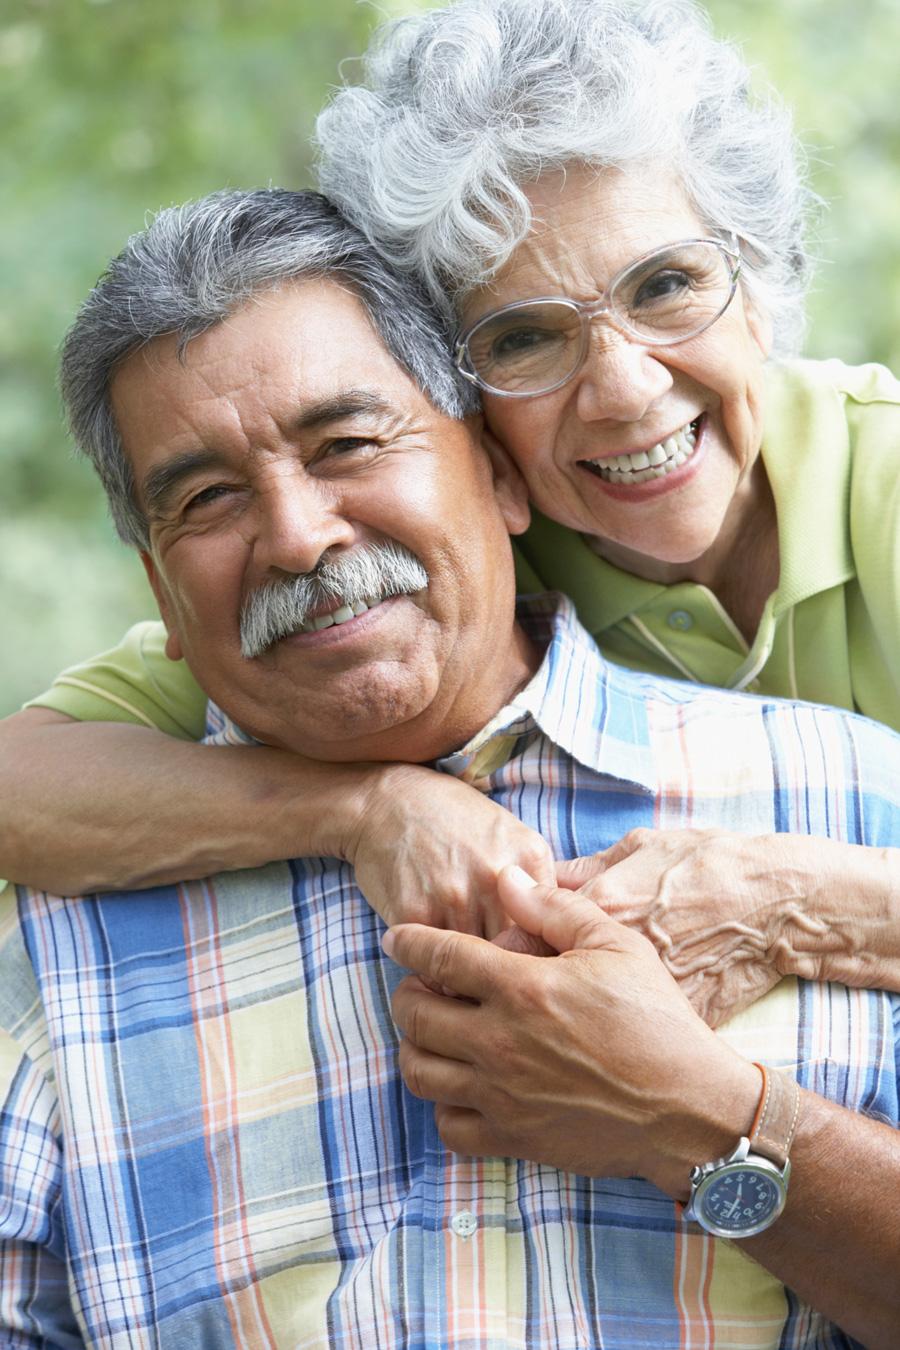 Симптомы деменции утех, кто пренебрегает движением глаз